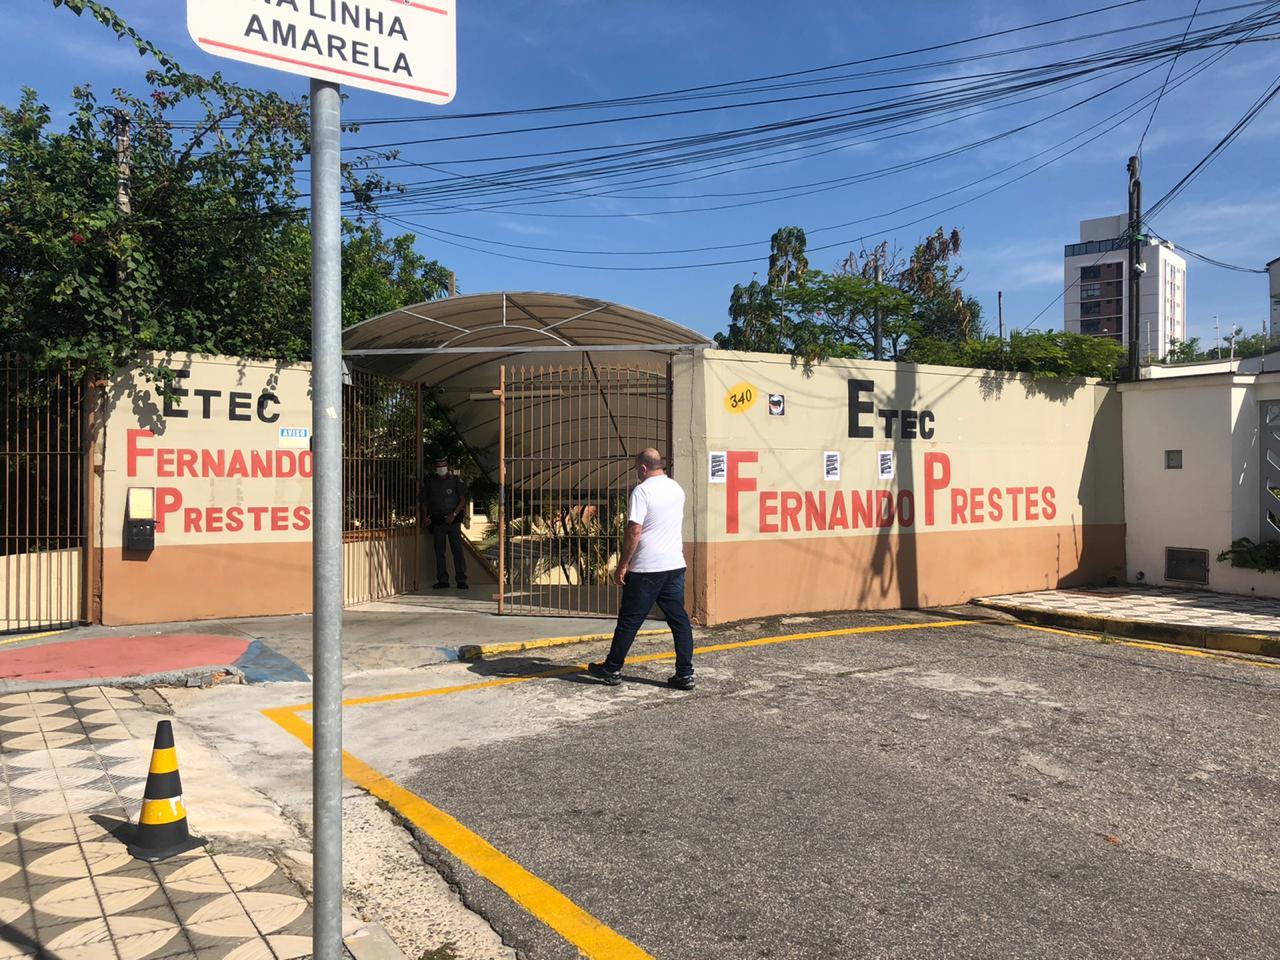 Etec Fernando Prestes é uma das escolas que receberá milhares de munícipes para as votações municipais em Sorocaba. Crédito da Foto: Cortesia / Laura Helena de Souza / Uniso